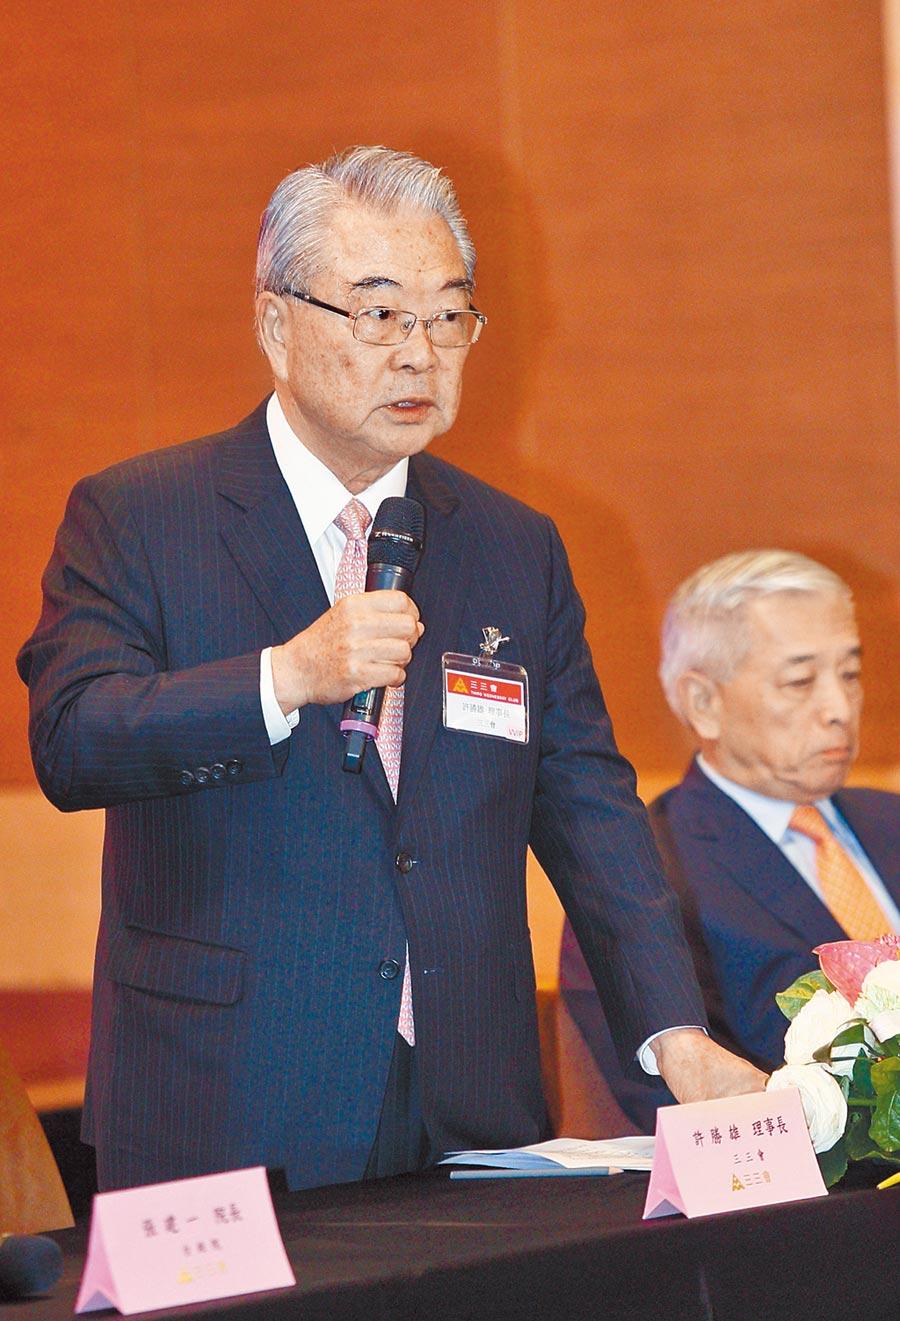 三三會理事長許勝雄說,看好財經內閣,對台灣經濟可形成正面幫助。(本報資料照片)